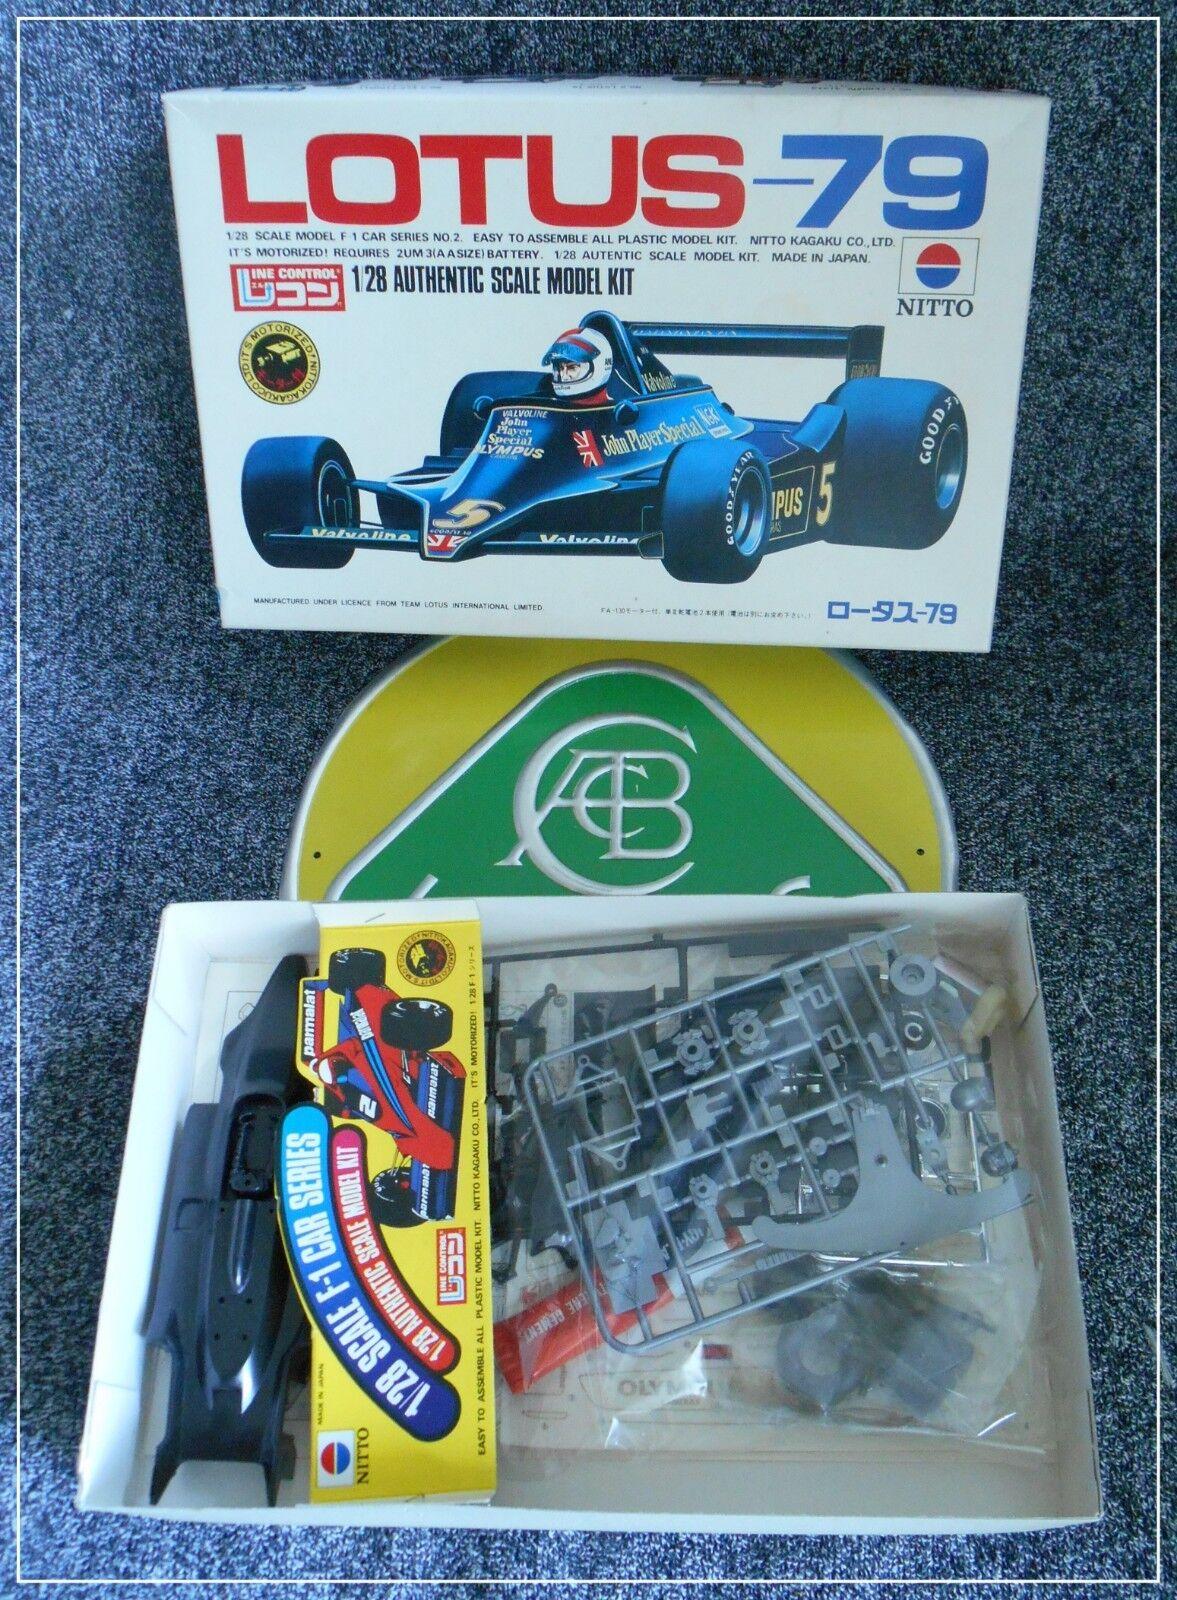 Lotus 79 Plastic Kit Nitto 1 28 1 28 Motorized Mint Boxed Peterson Andretti